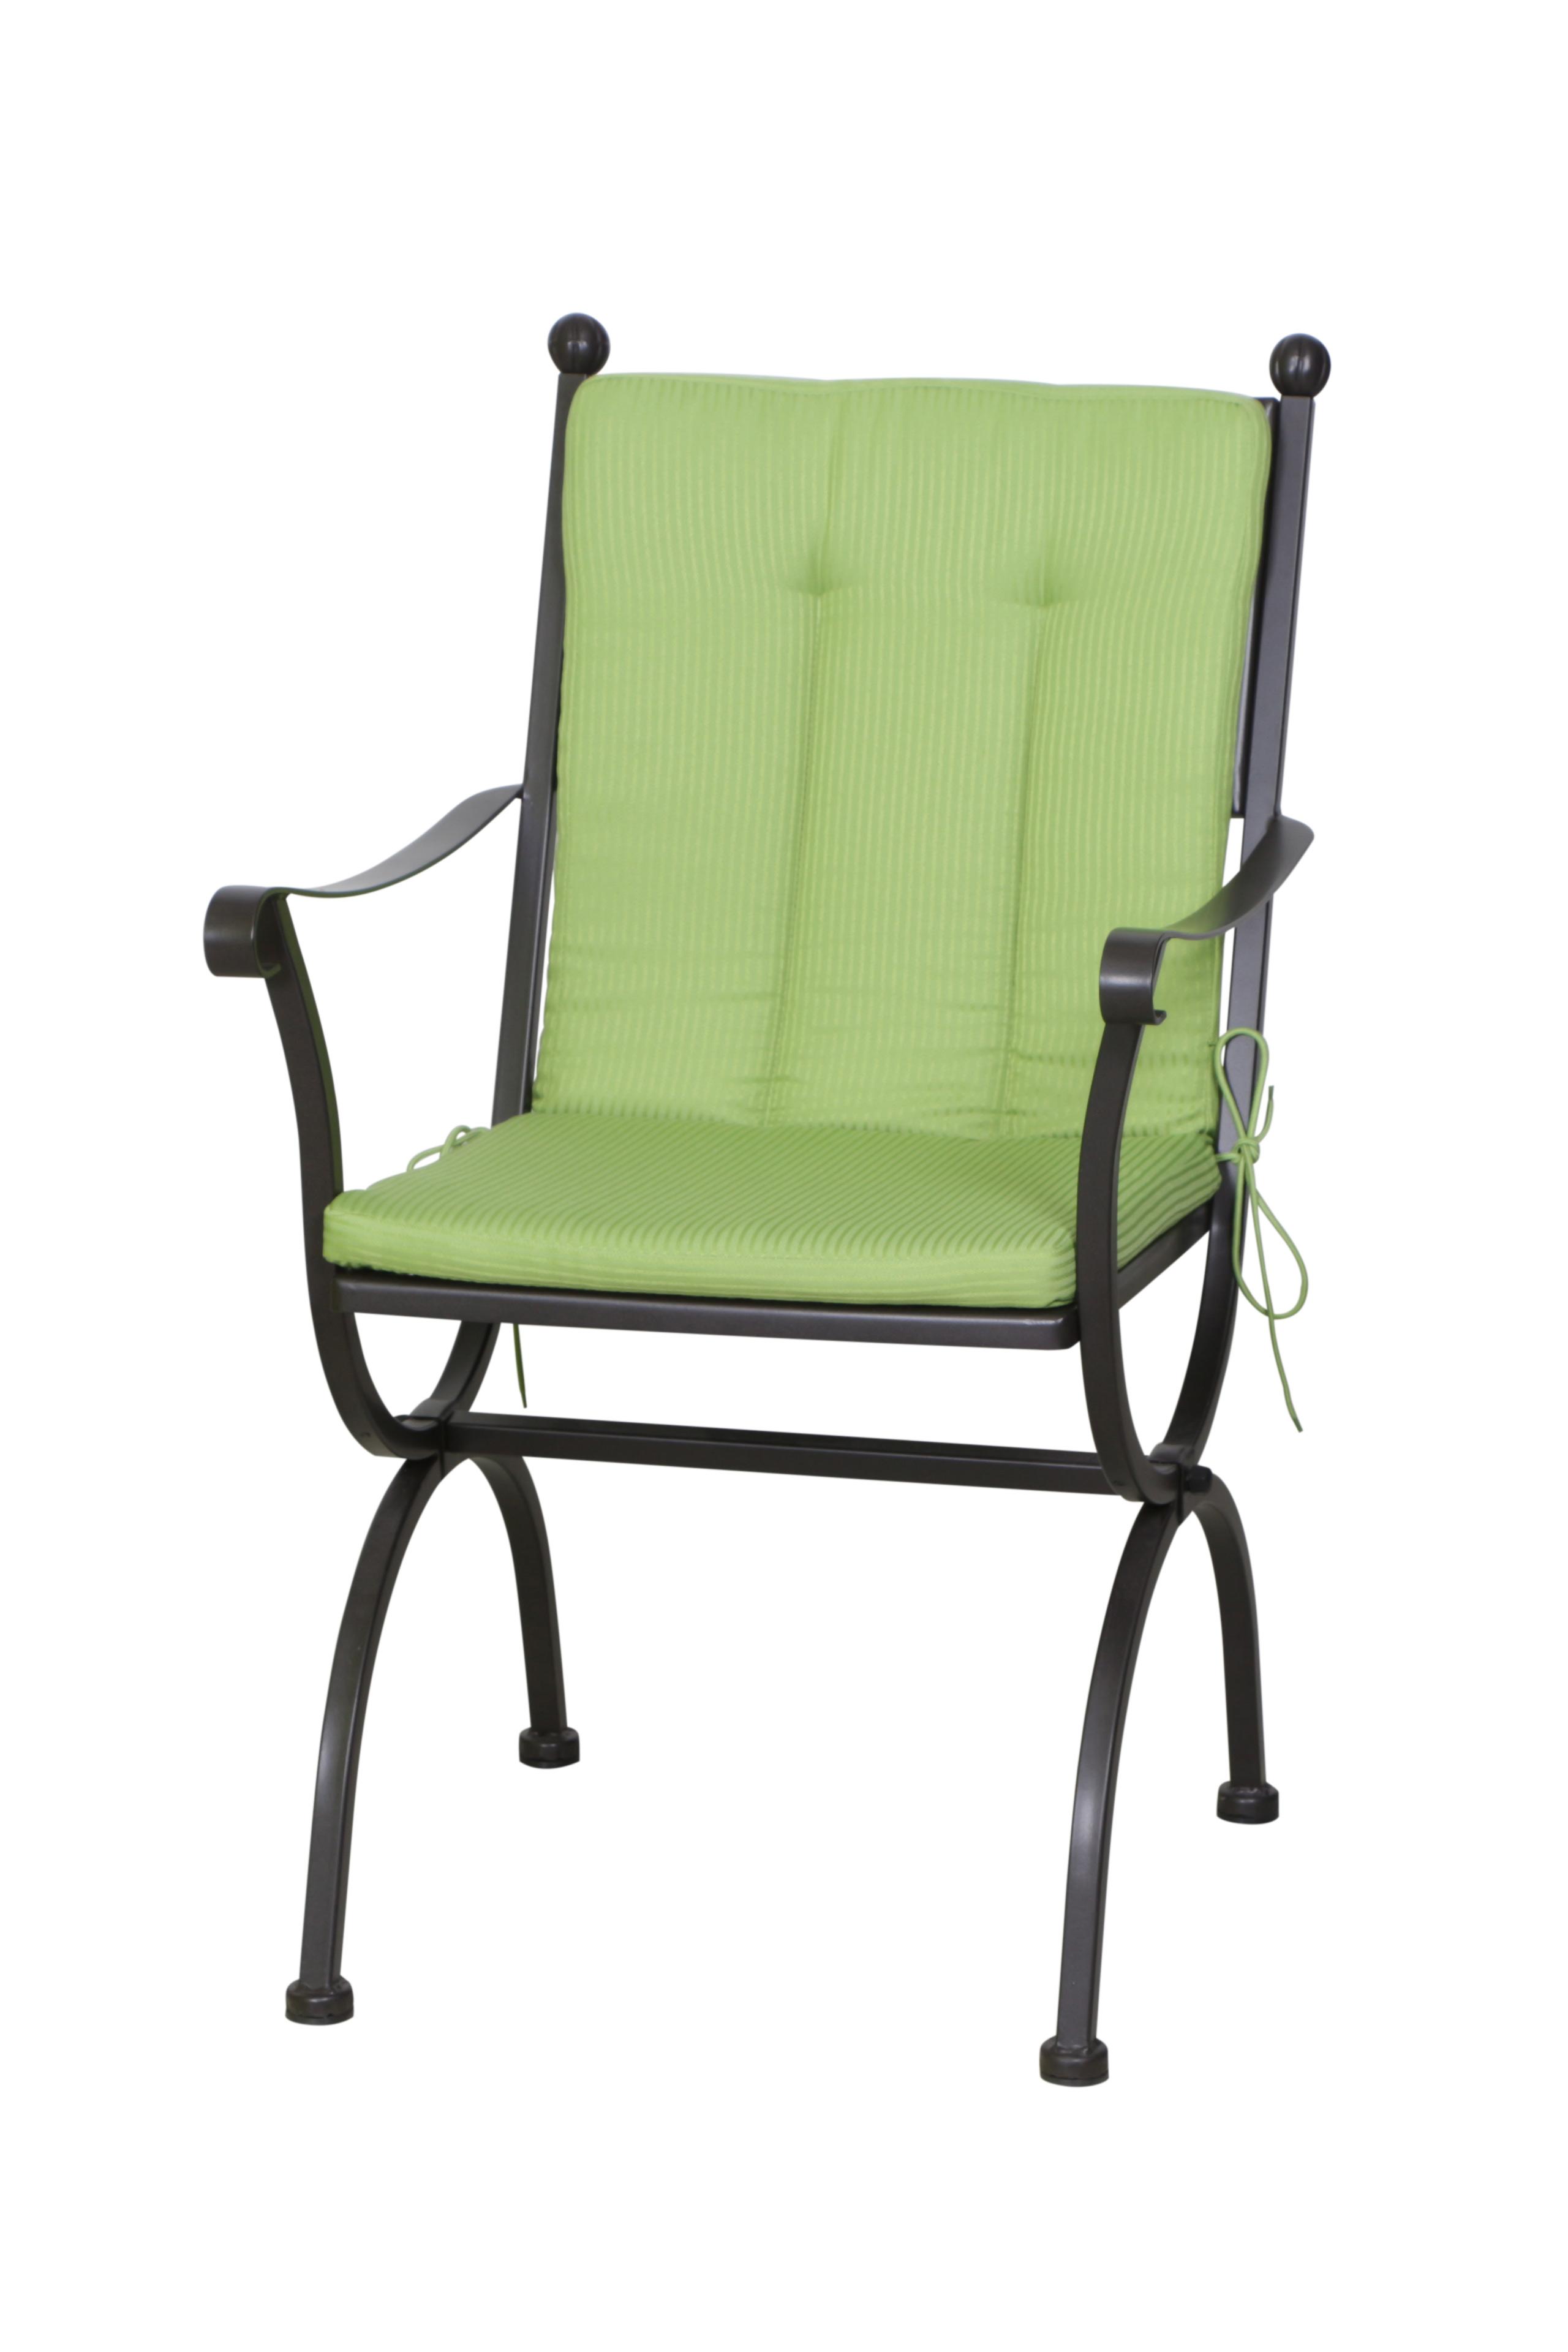 mbm gartentisch romeo mit resysta platte m bel letz ihr online shop. Black Bedroom Furniture Sets. Home Design Ideas